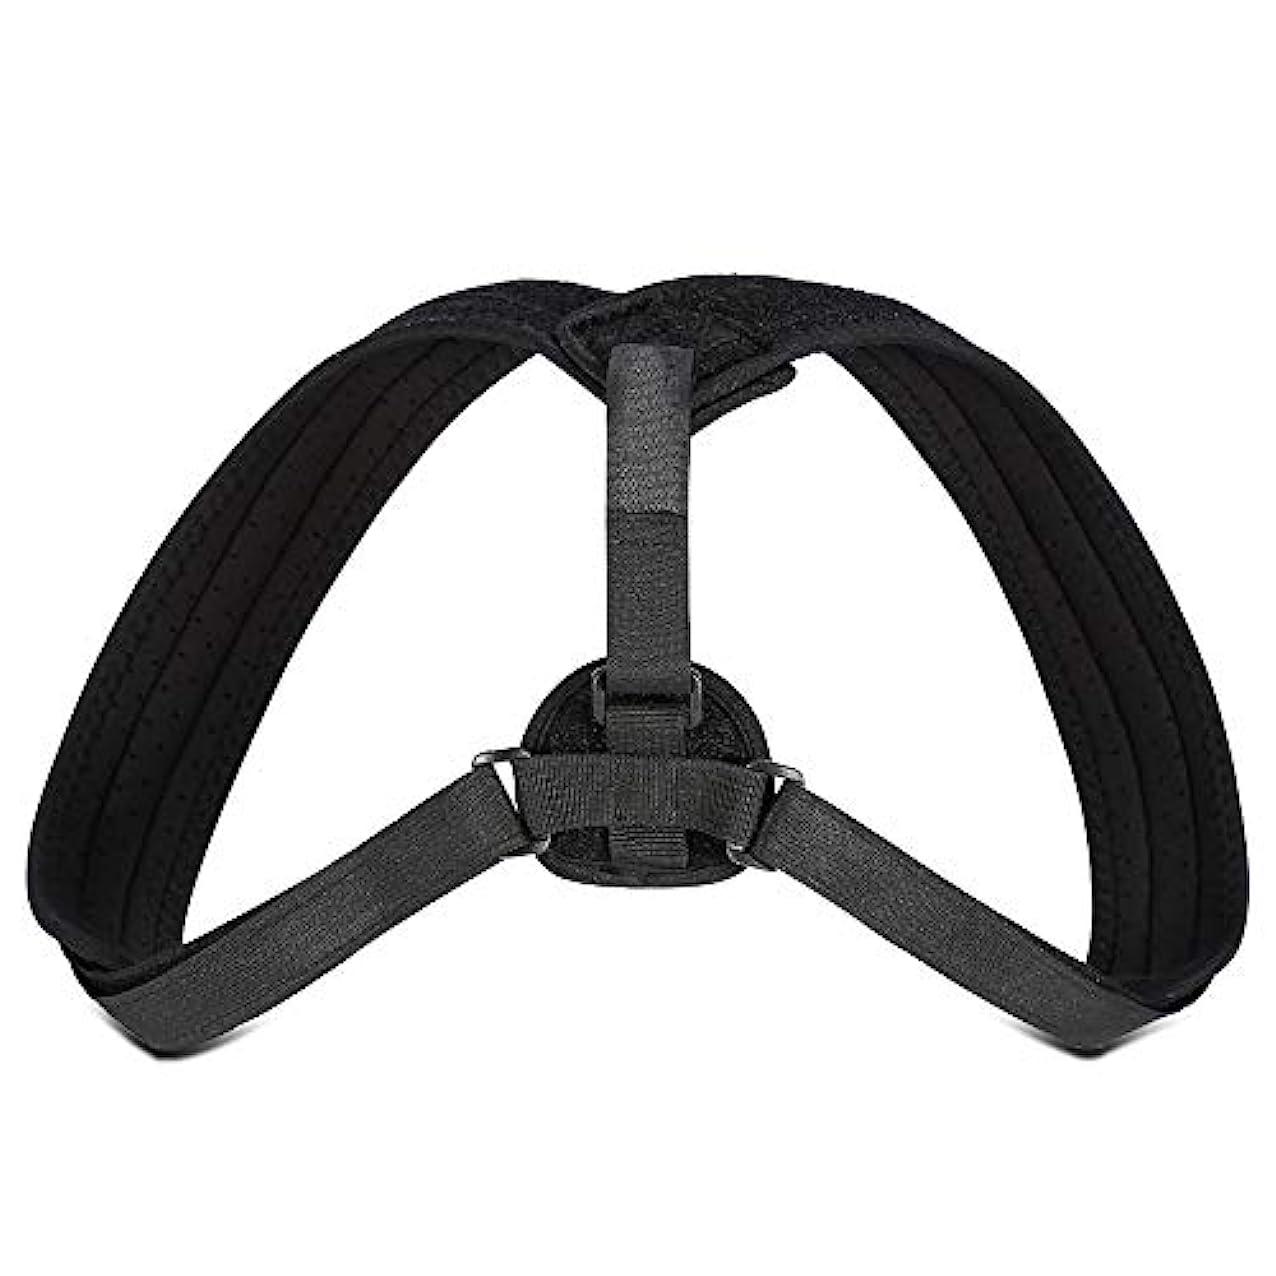 学習者ジャンルアカデミックYosoo Posture Corrector - ブレースアッパーバックネックショルダーサポートアジャスタブルストラップ、肩の体位補正、整形外科用こぶの緩和のための包帯矯正、ティーン用